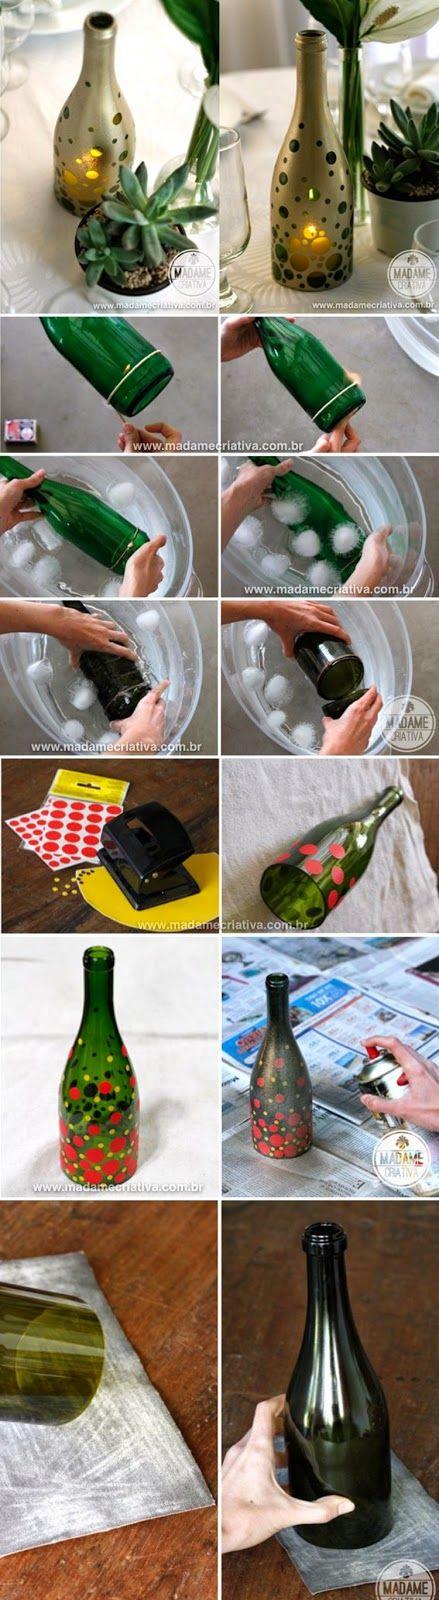 Relasé: Riciclare le bottiglie in vetro per creare portacandele